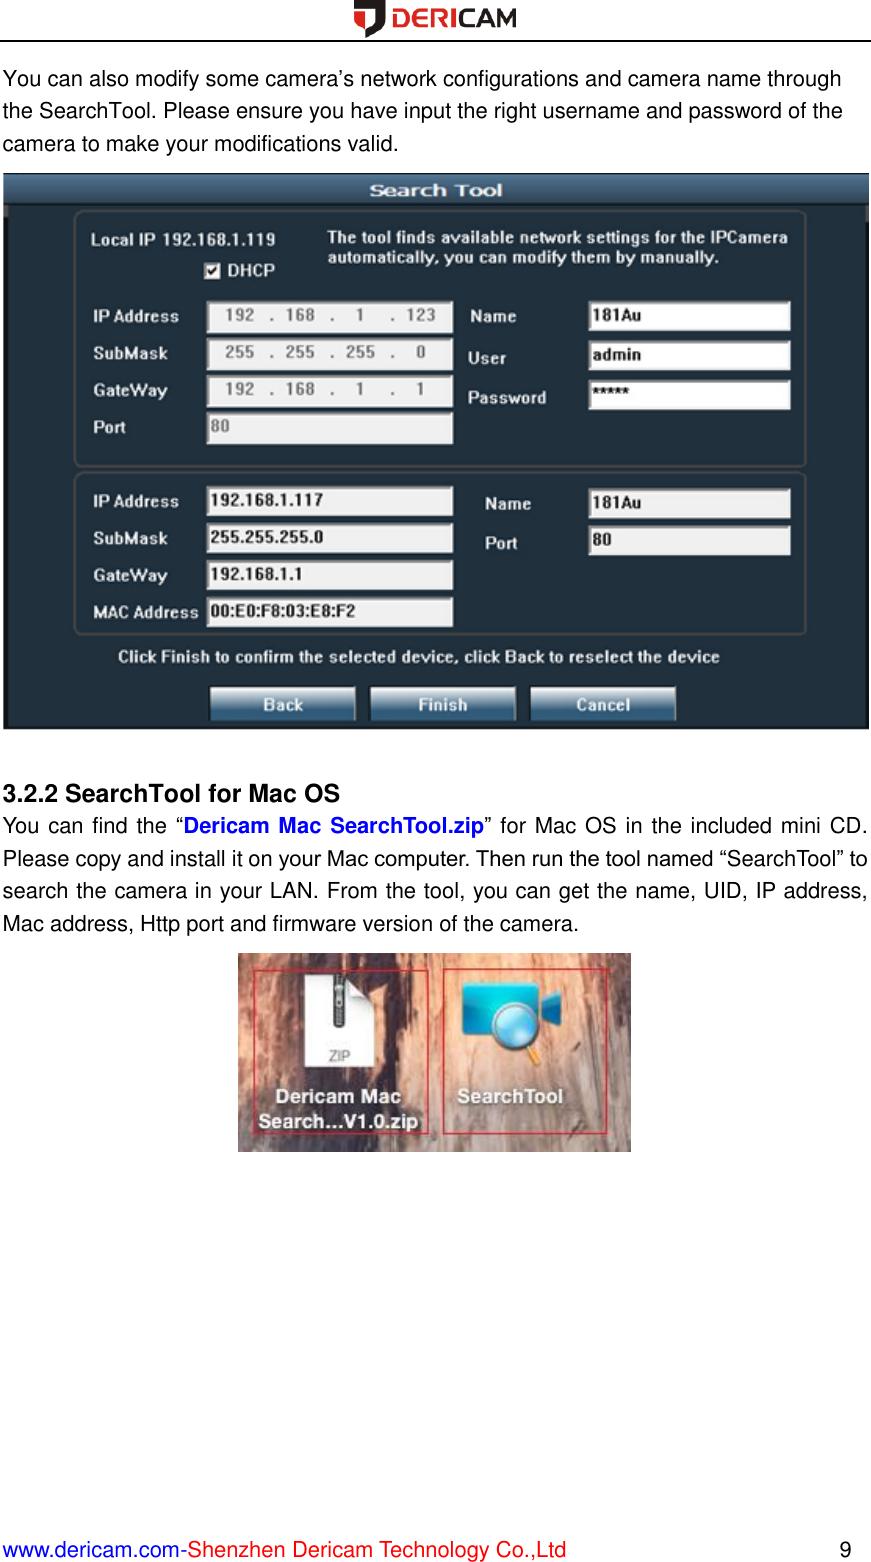 dbpower ip camera user manual.pdf